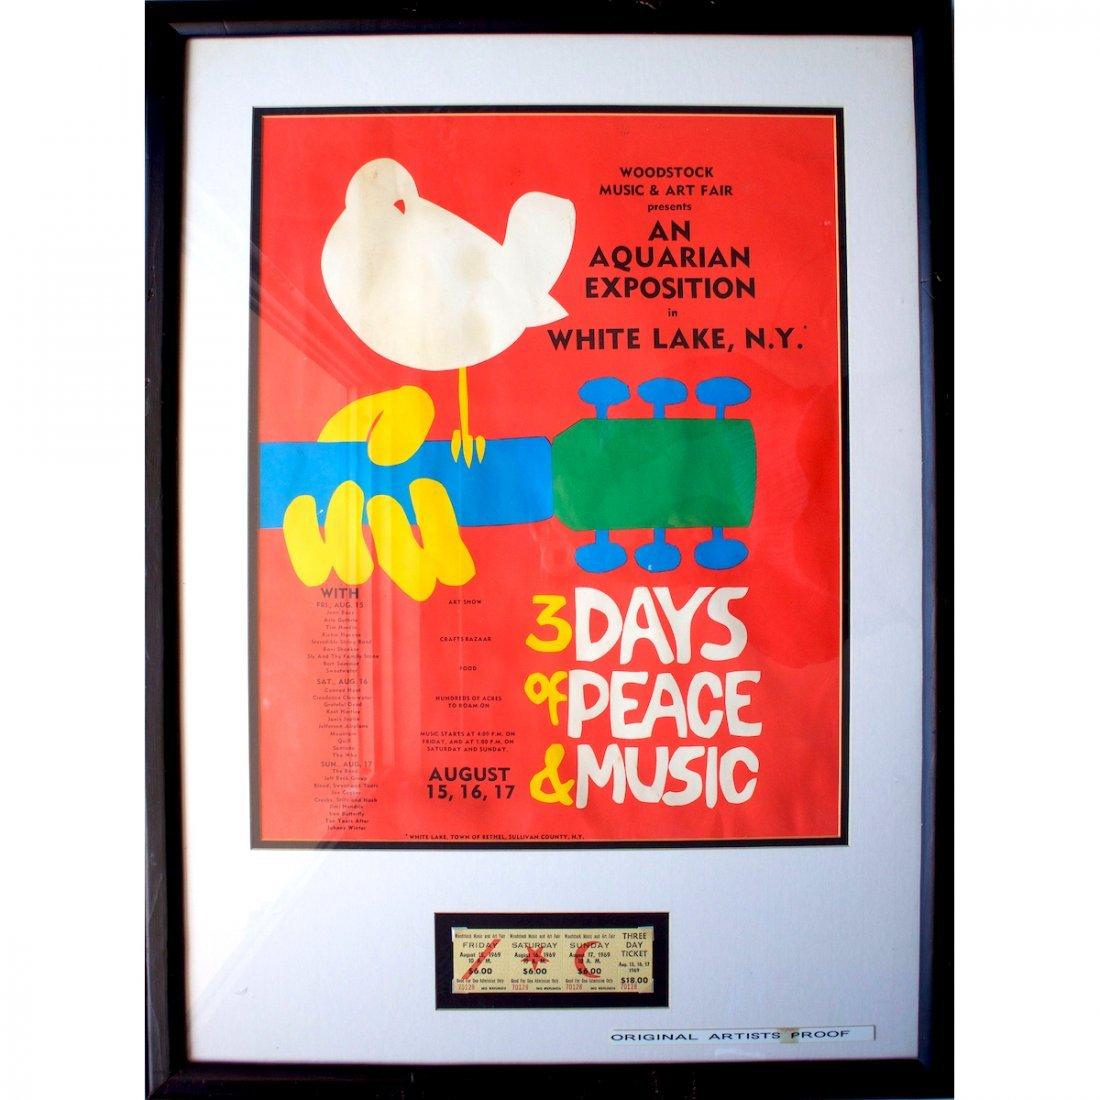 Woodstock - Arnold Skolnick Artist Proof Concert Poster